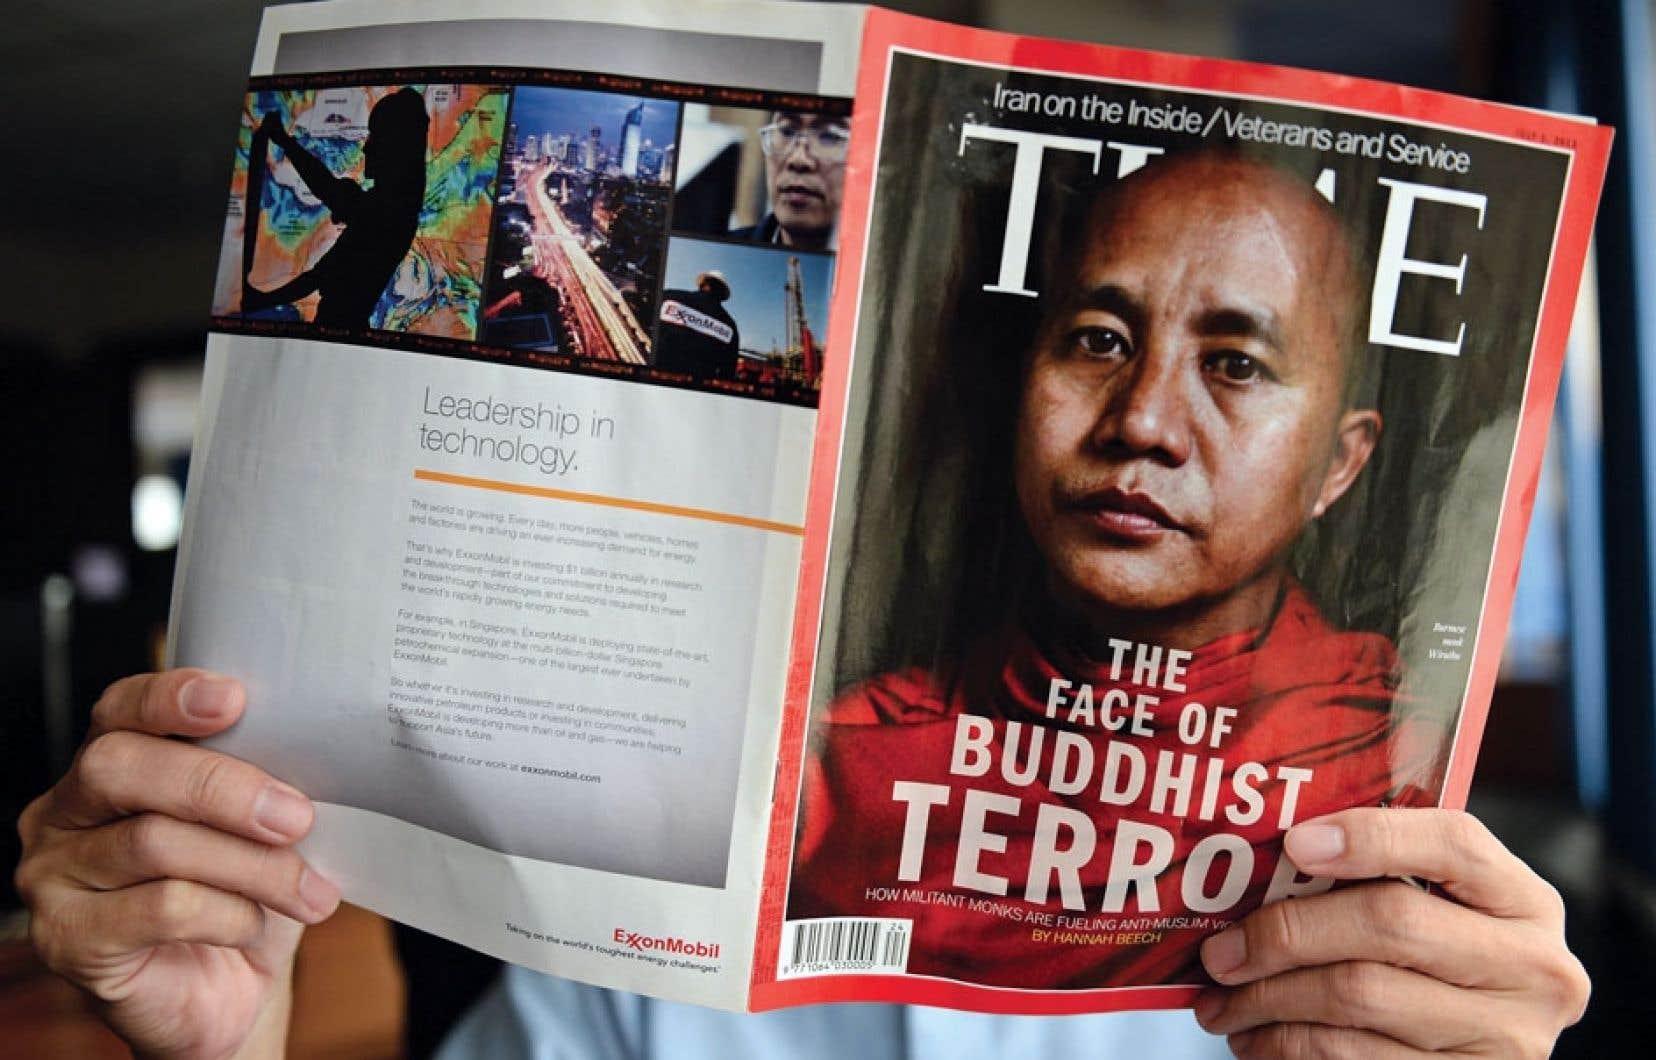 <div> La couverture du prochain numéro présente le moine bouddhiste Wirathu comme le « visage du terrorisme bouddhiste ».</div>